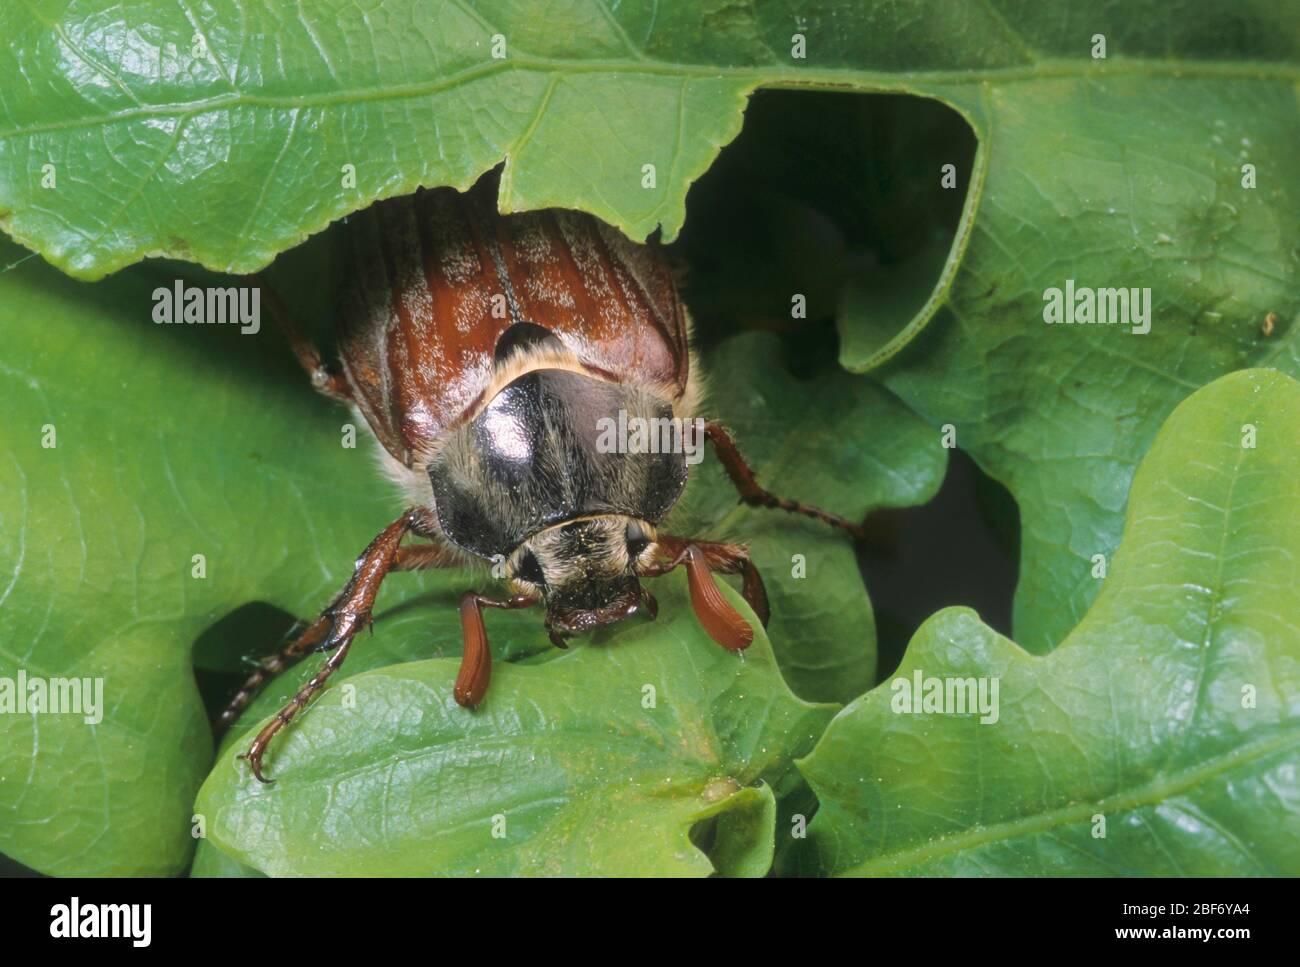 Il comune scarafaggio, Maybug, Maybeetle (melolontha melolontha), si nutre di quercia Foto Stock